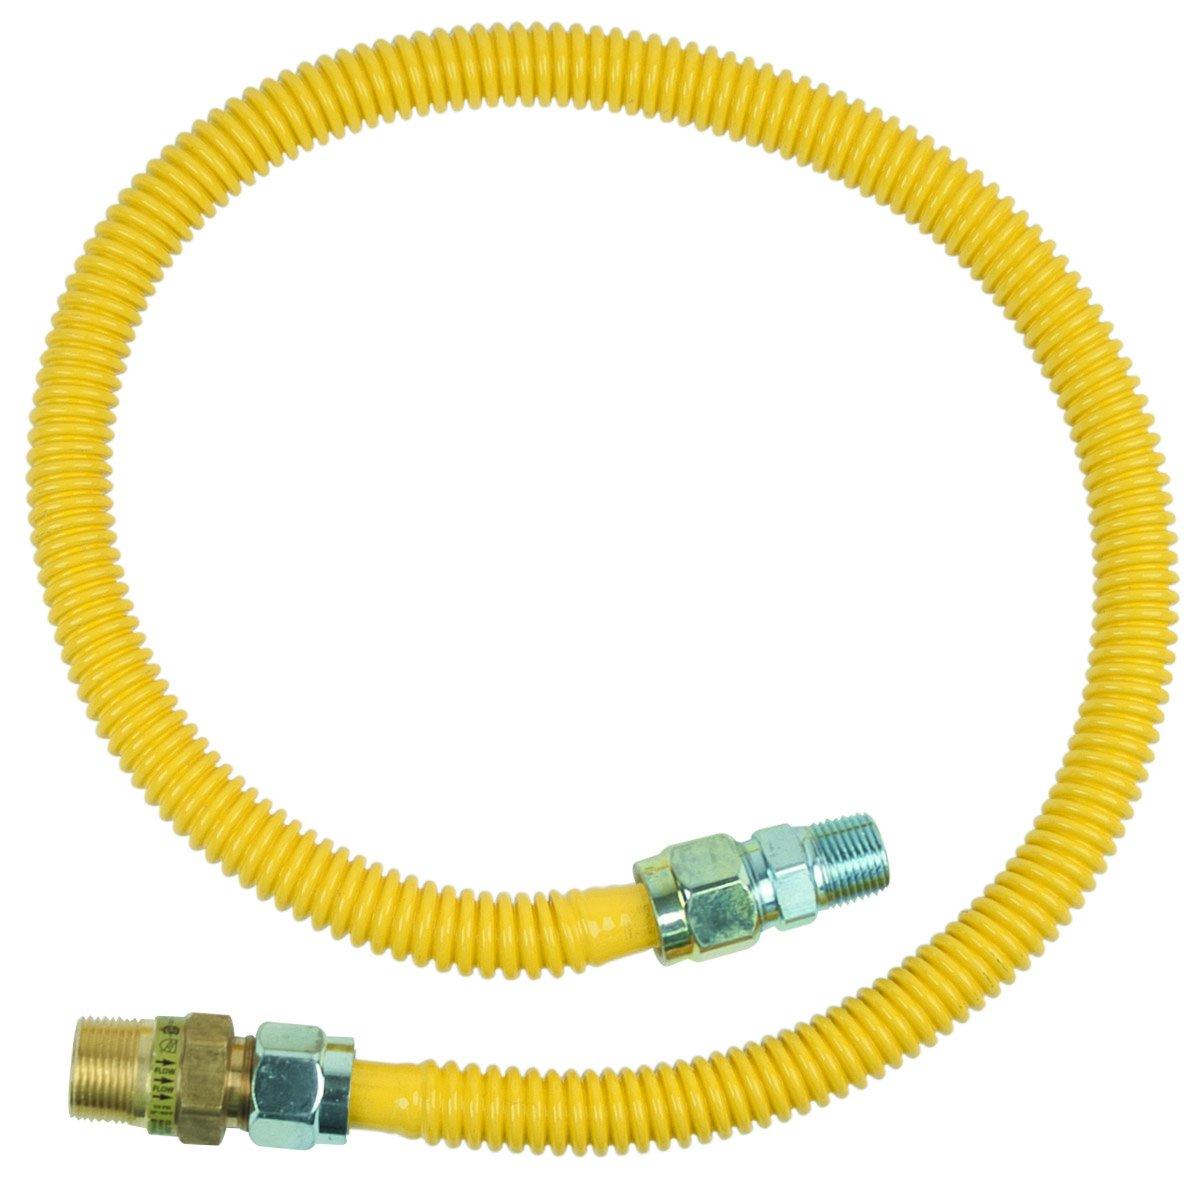 Brasscraft Cssc14R36 P Safety Plus Gas Appliance 5/8'' Od Connector With 3/4'' Mip Efv x 1/2'' Mip x 36''